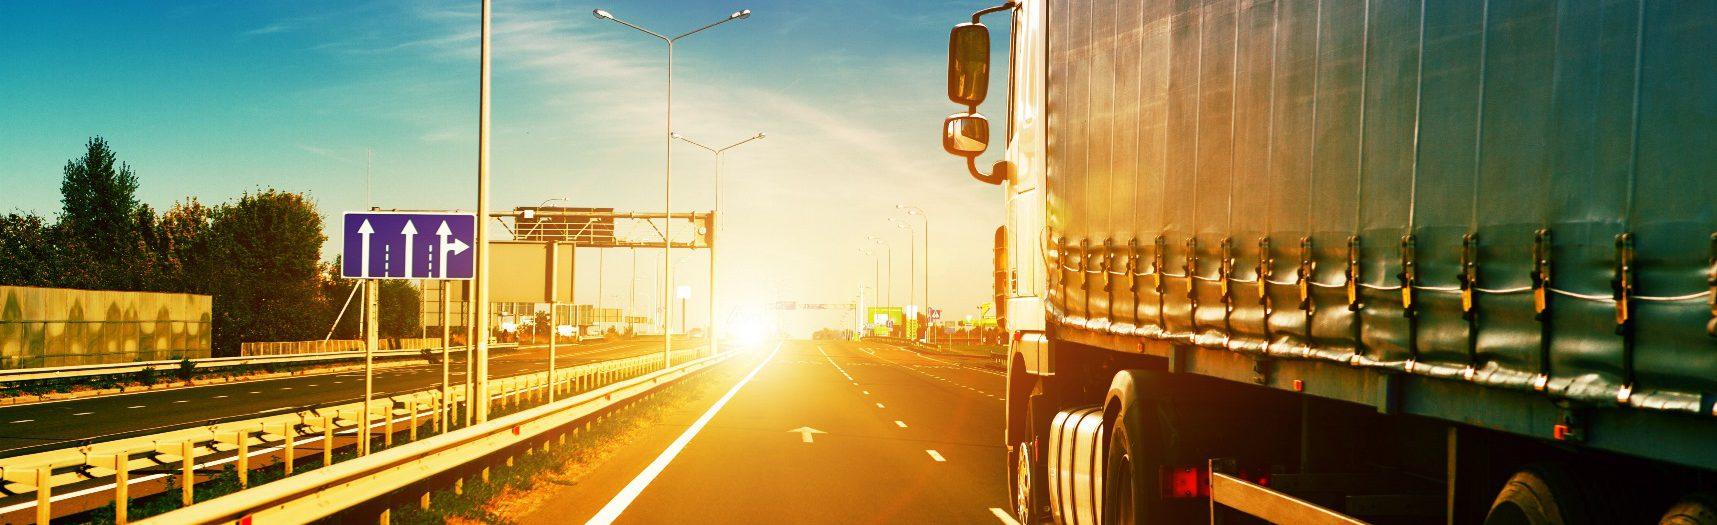 Transportrechtadvocaat - Transportrechtadvocaat biedt juridische bijstand voor transportondernemers met specialismen als het wegvervoersrecht, arbeidsrecht en ondernemingsrecht.